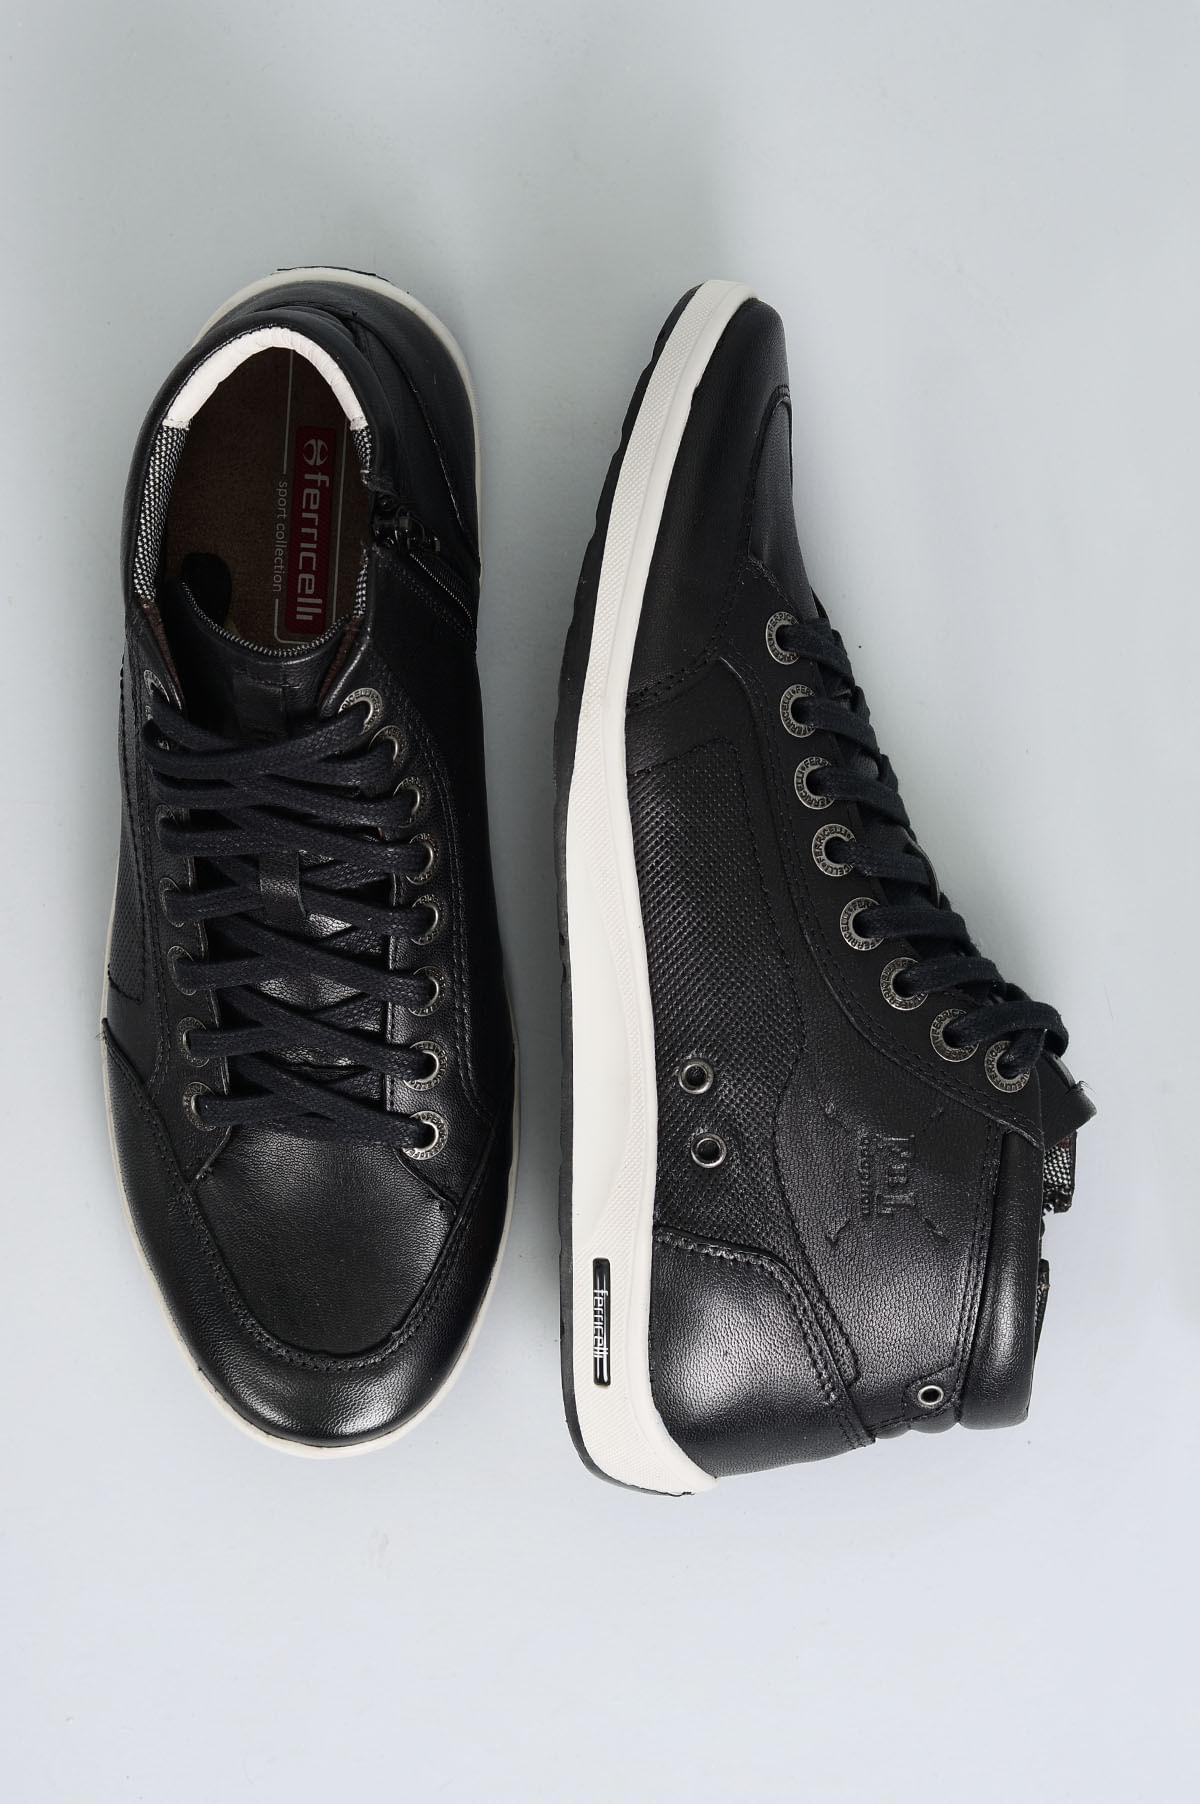 8d323ceac5239 Sapatênis Masculino Ferricelli Diogo CR-PRETO - Mundial Calçados